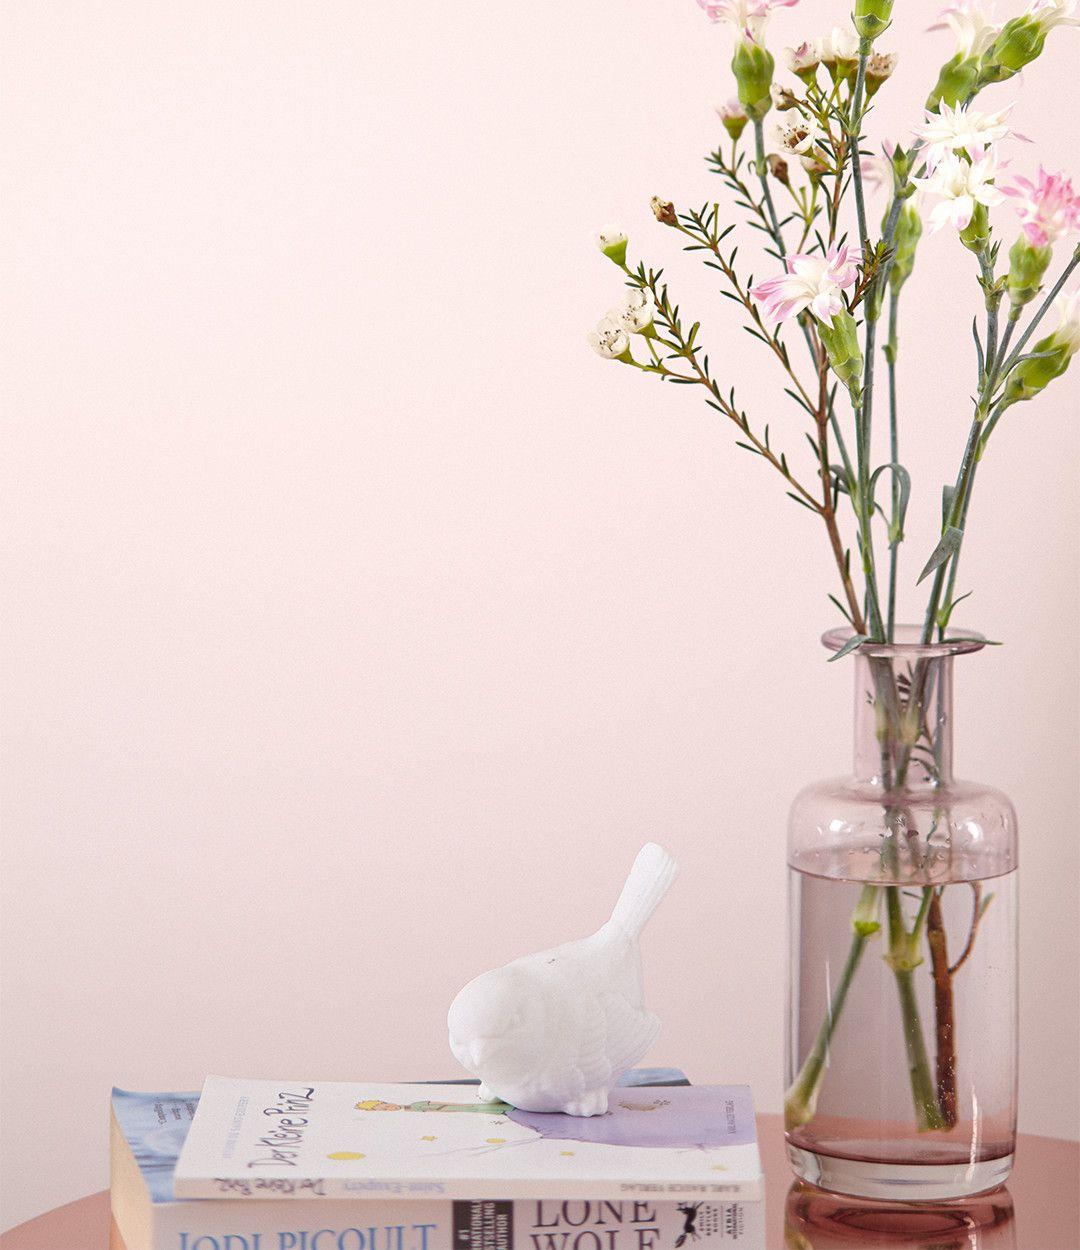 alpina feine farben no 24 zarte romantik besonders edel und erwachsen wirkt - Romantische Schlafzimmer Farbschemata